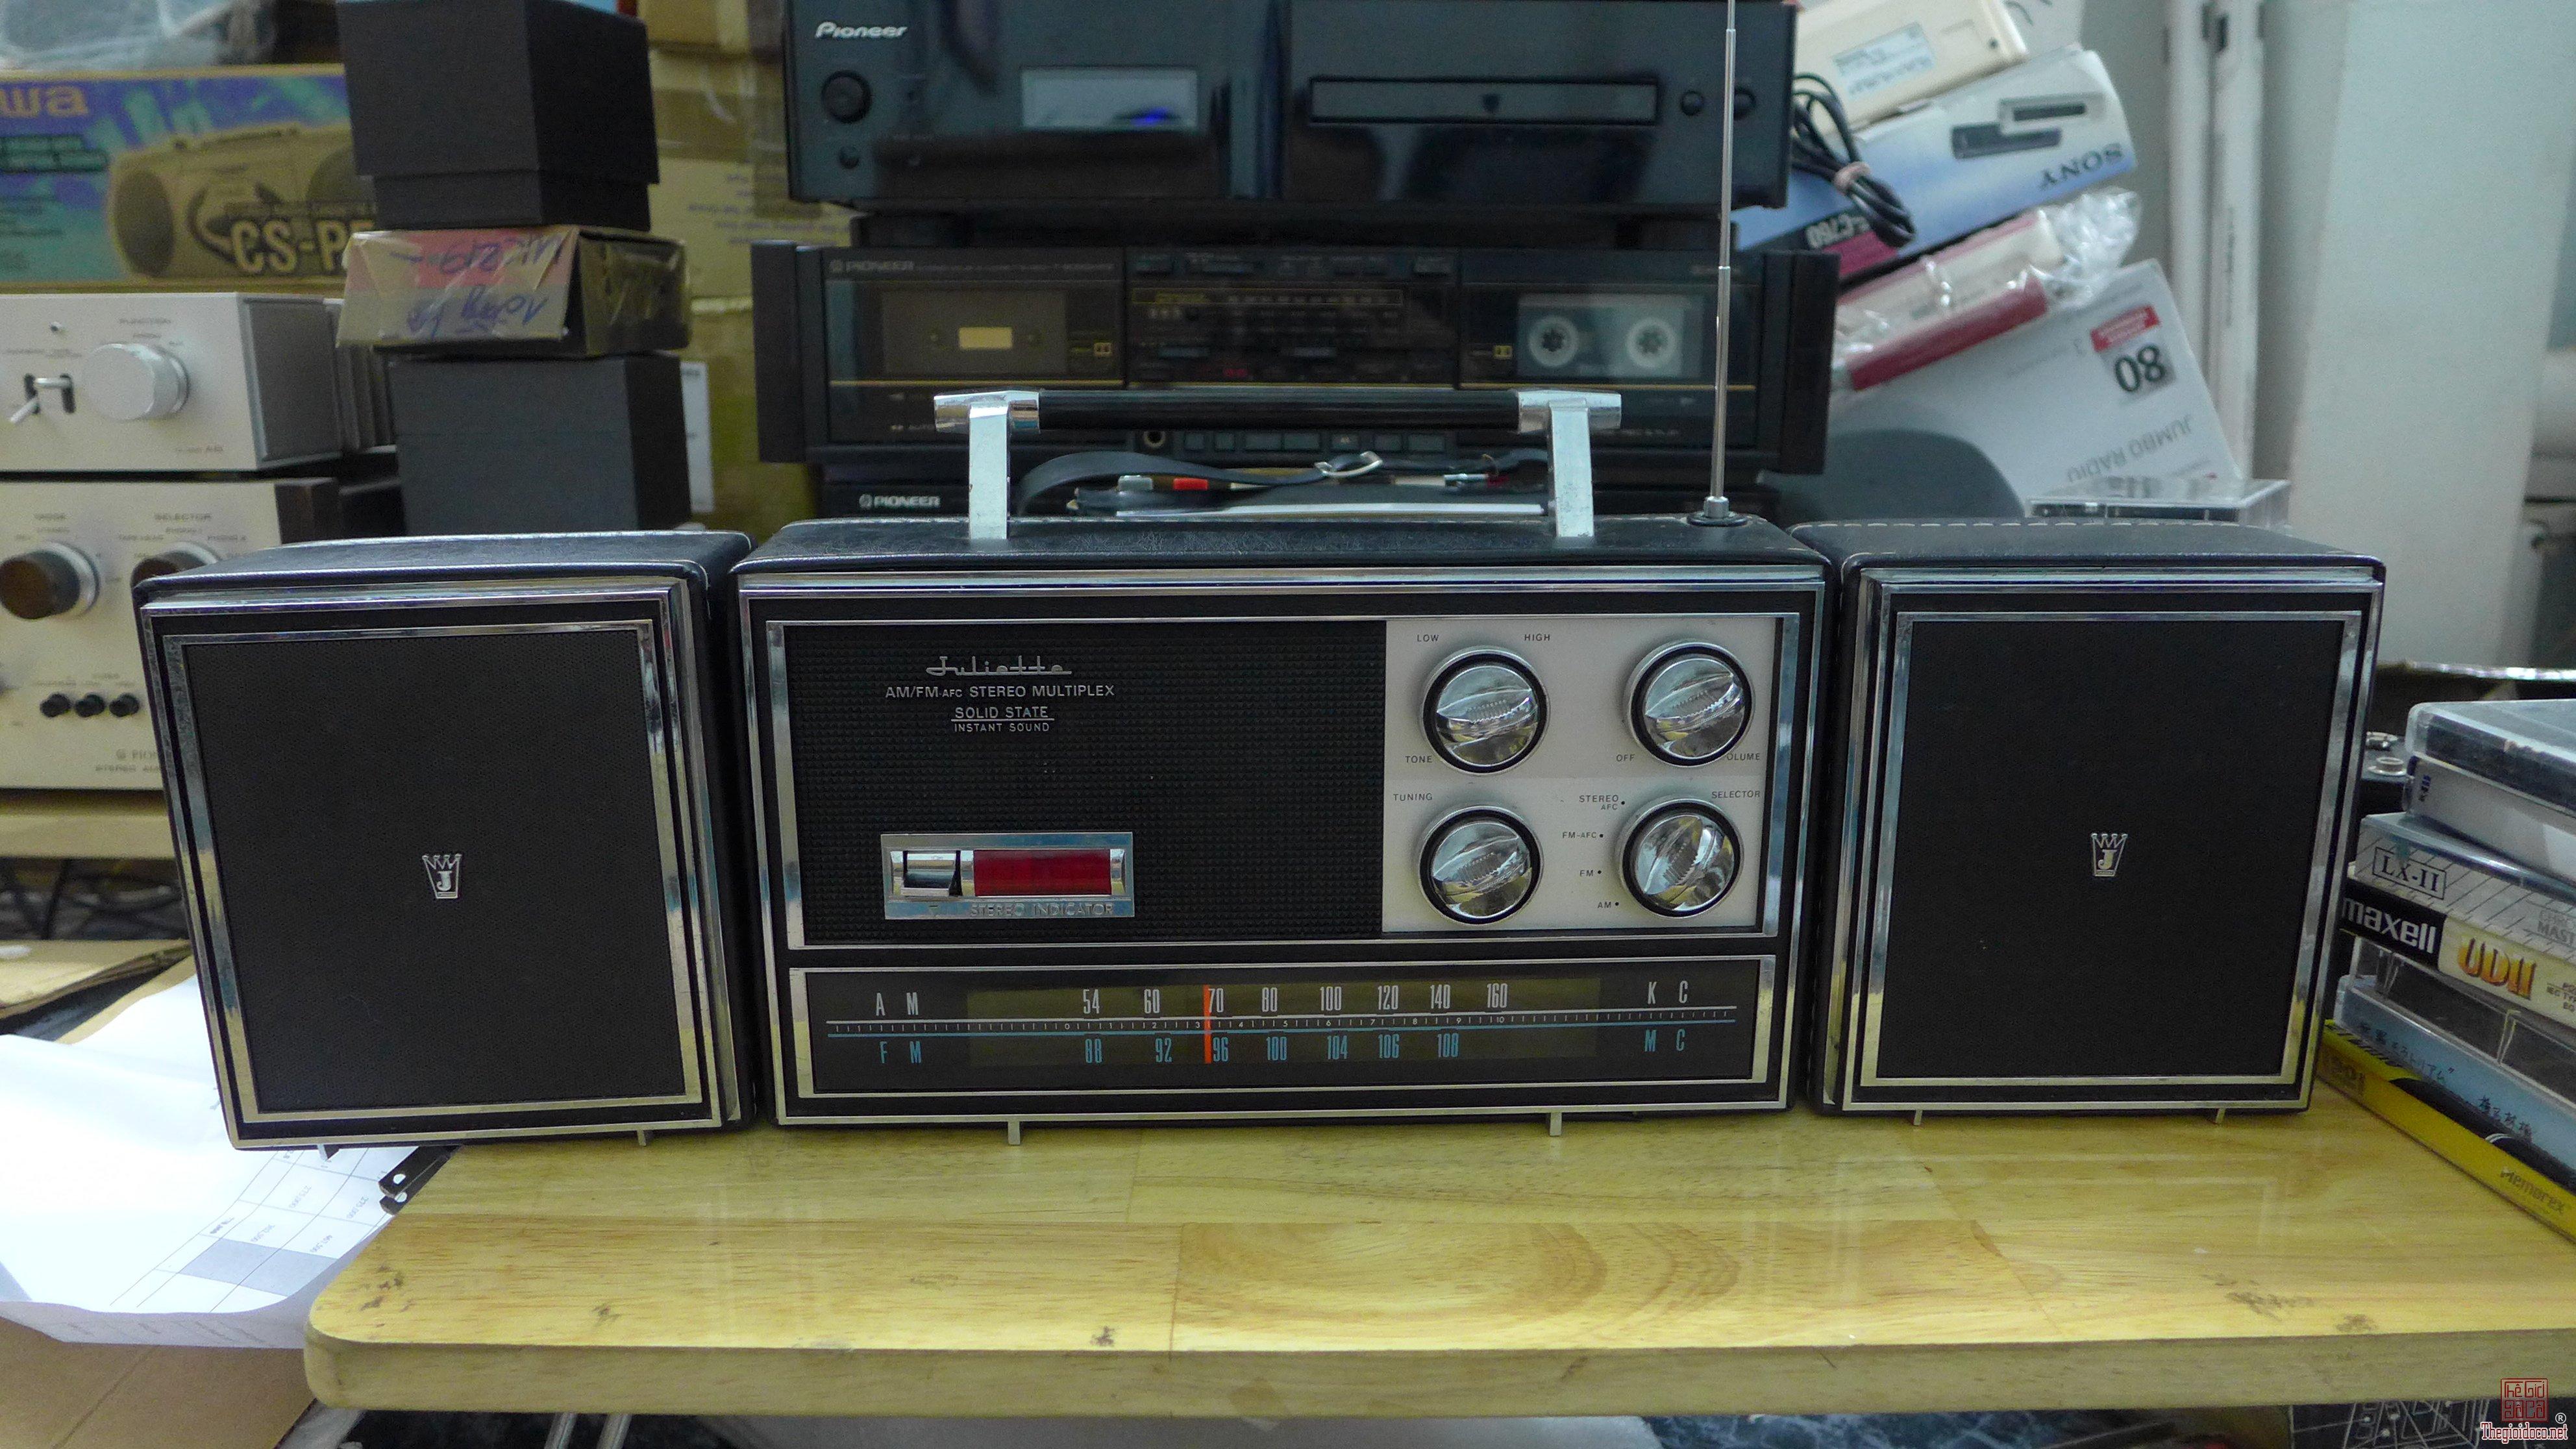 HCM - Q10 - Bán radio Mitsubishi 8X-815L và Juliette TPR-1121X, Japan